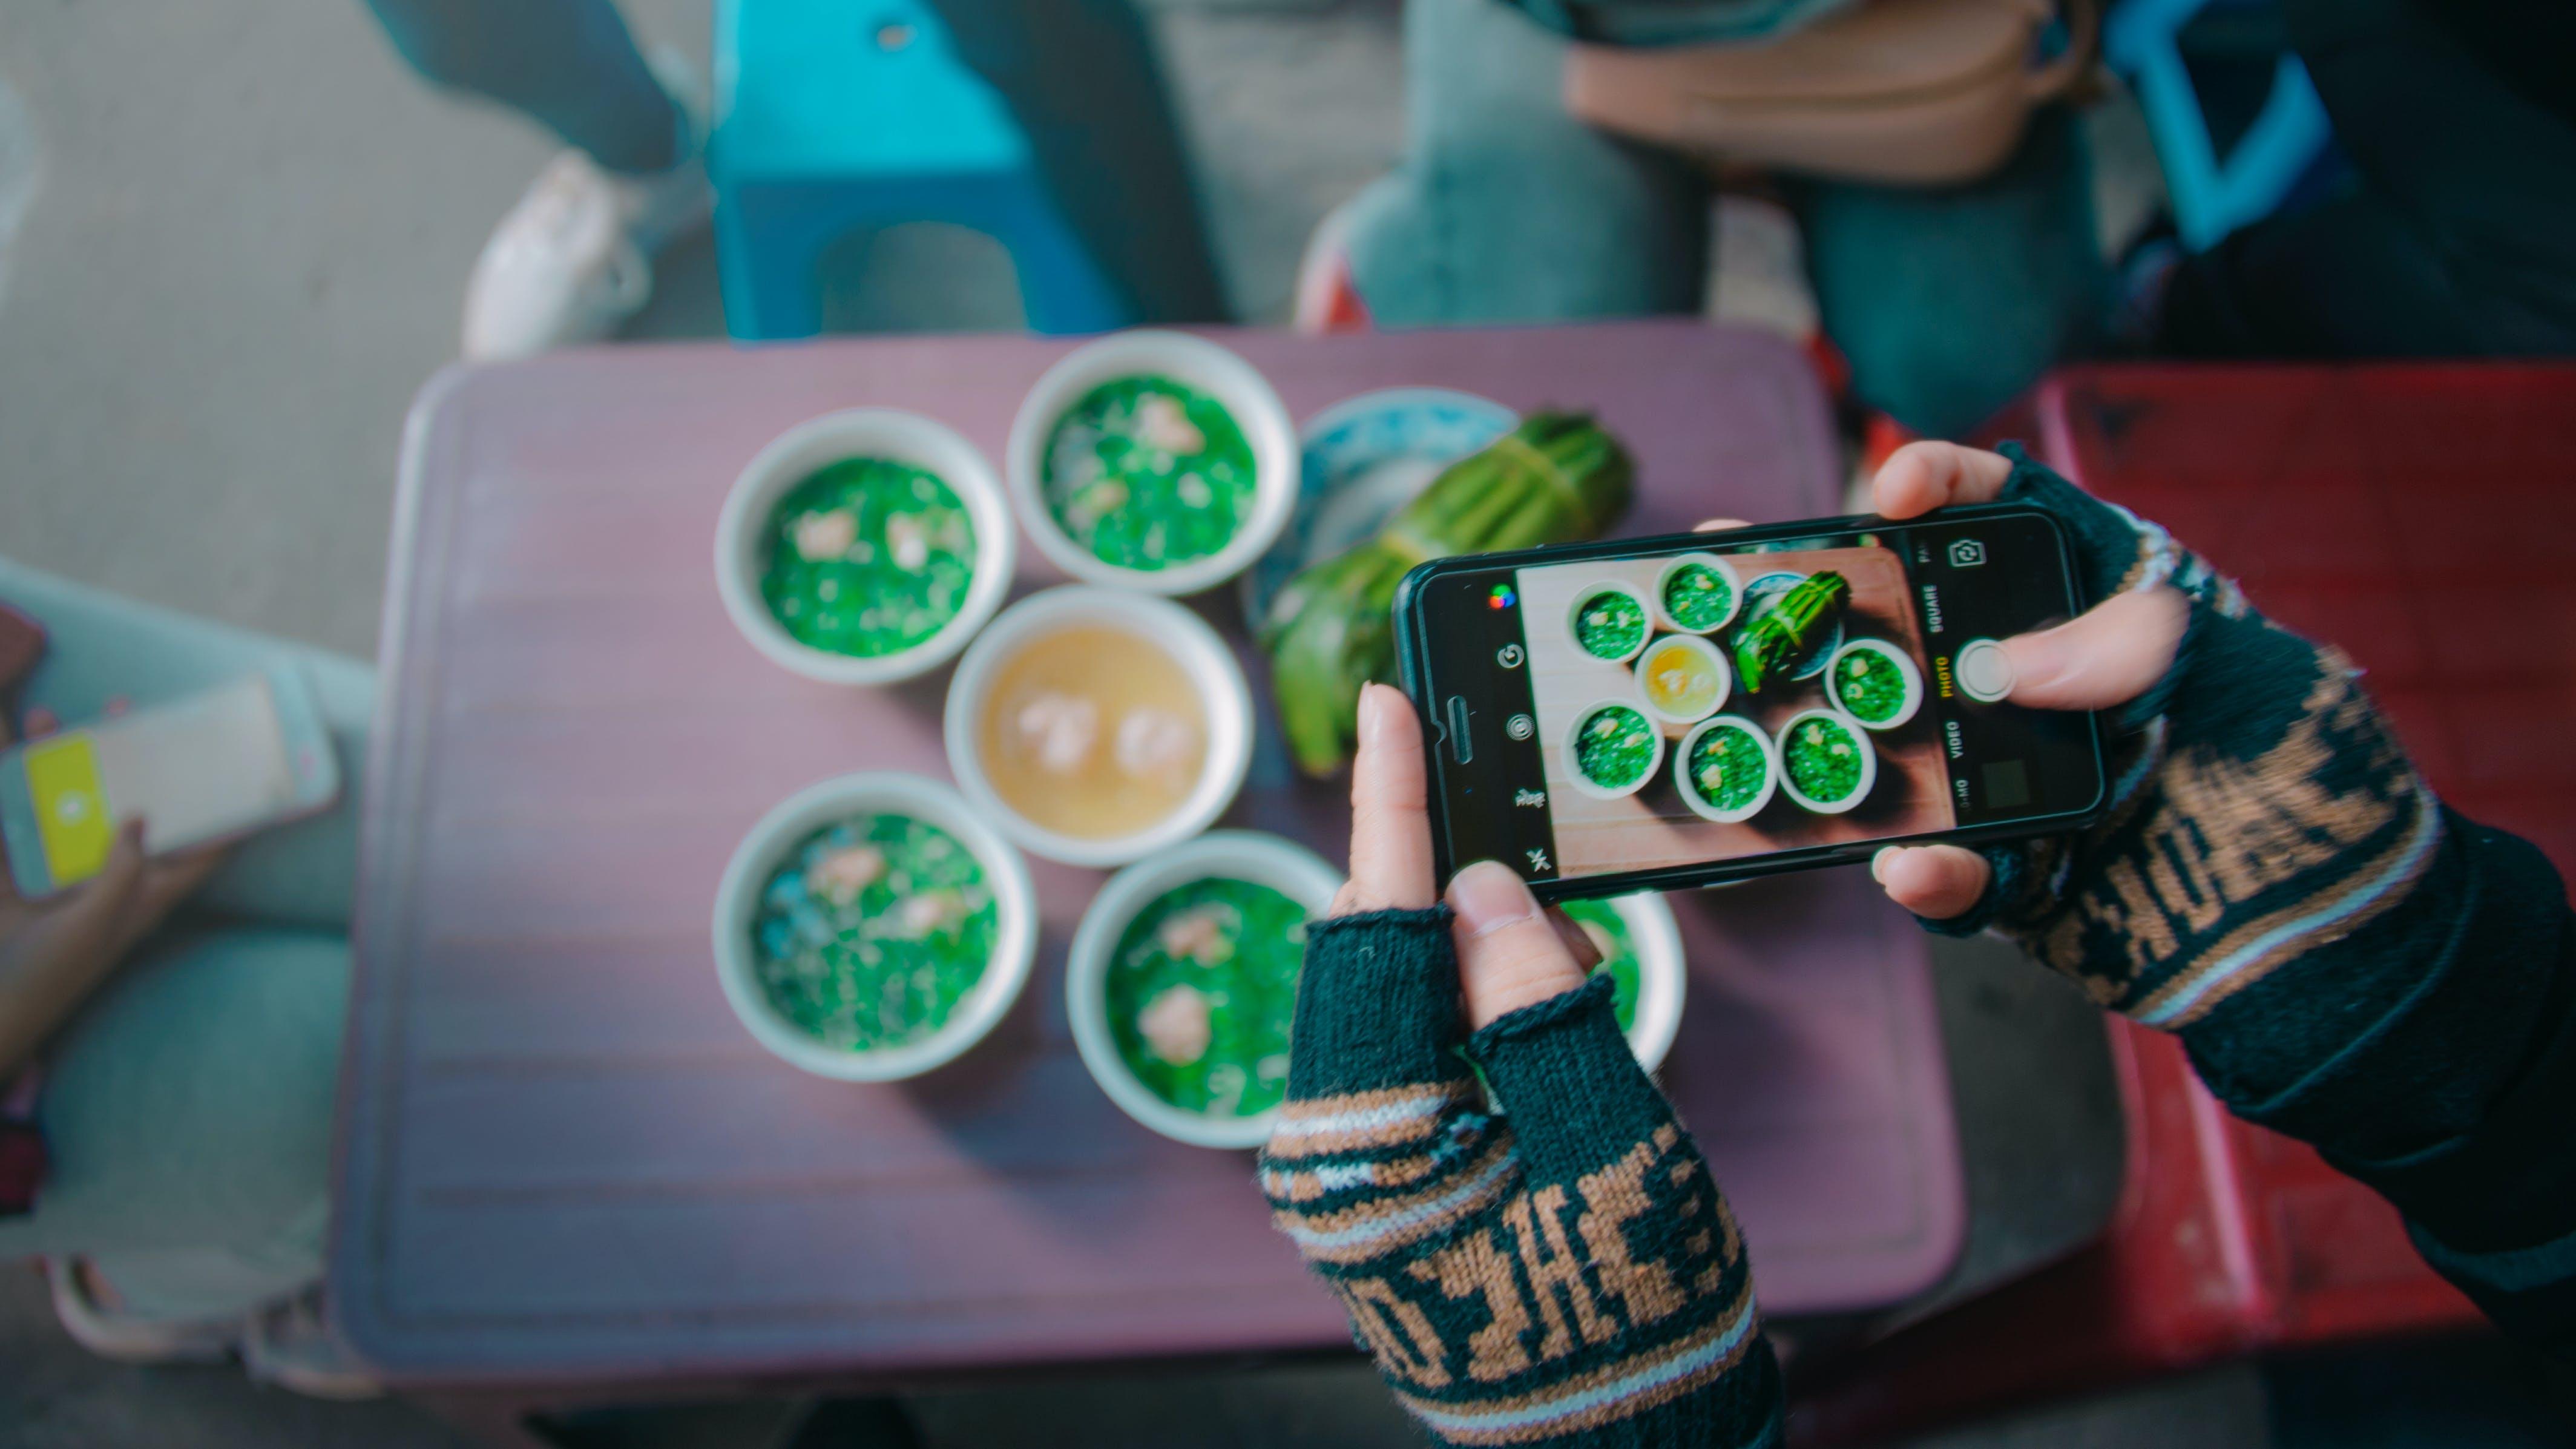 Kostenloses Stock Foto zu bildschirm, essen, essensfotografie, farbe